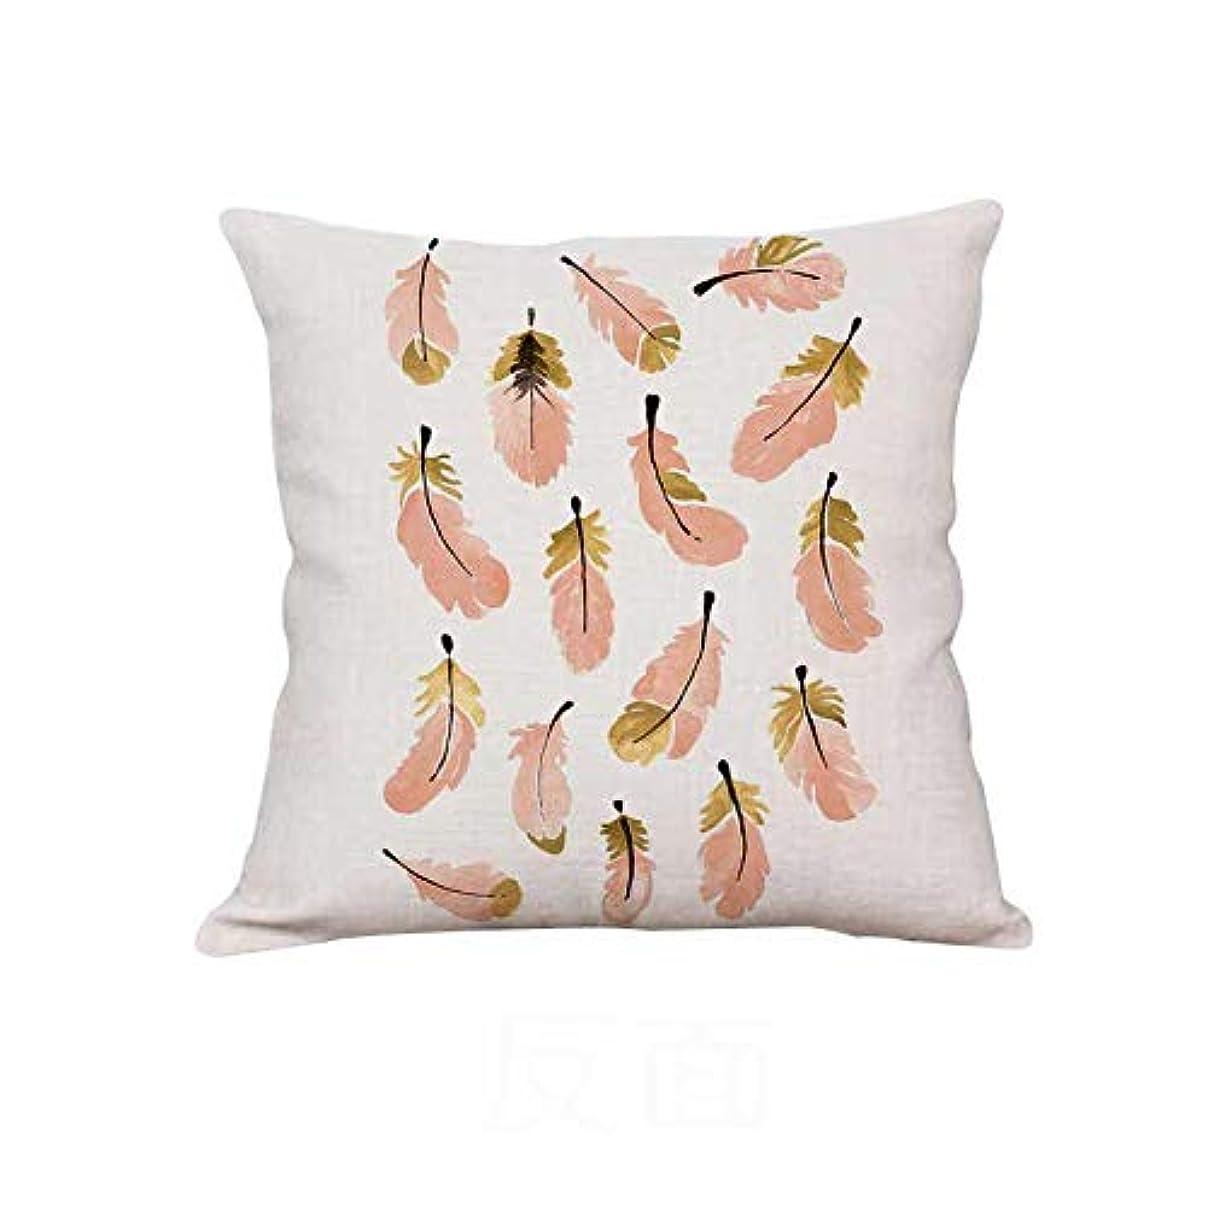 インポートエキスパート曲線LIFE 新しいぬいぐるみピンクフラミンゴクッションガチョウの羽風船幾何北欧家の装飾ソファスロー枕用女の子ルーム装飾 クッション 椅子